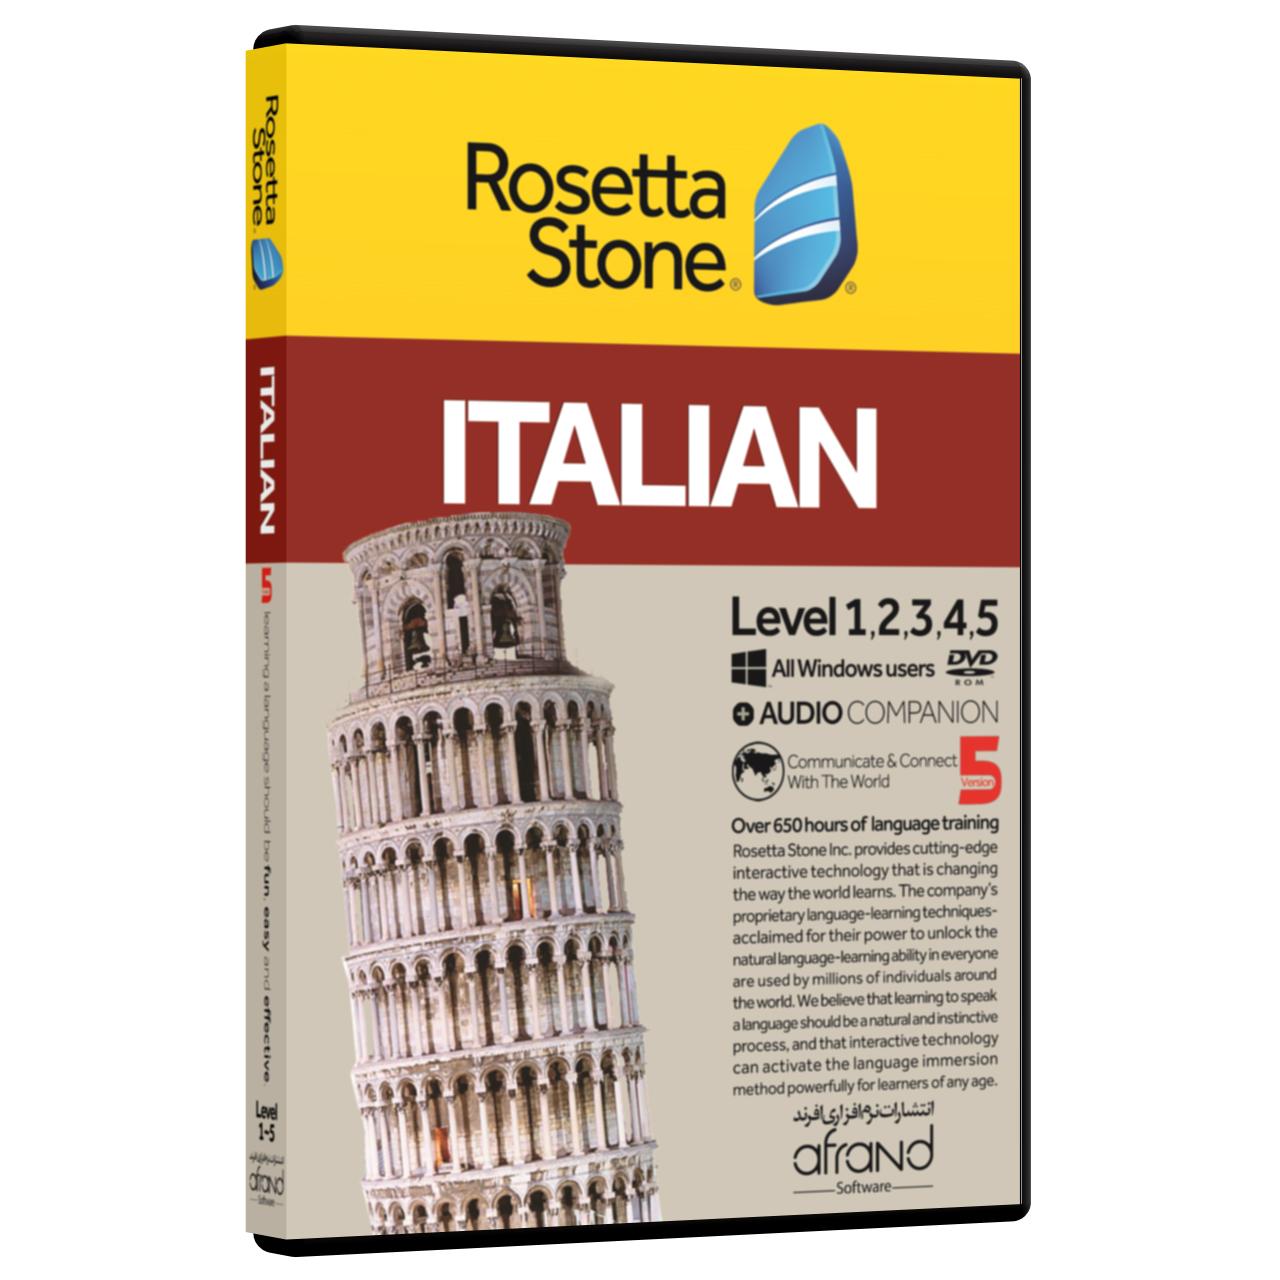 نرم افزار آموزش زبان ایتالیایی رزتا استون نسخه 5 انتشارات نرم افزاری افرند